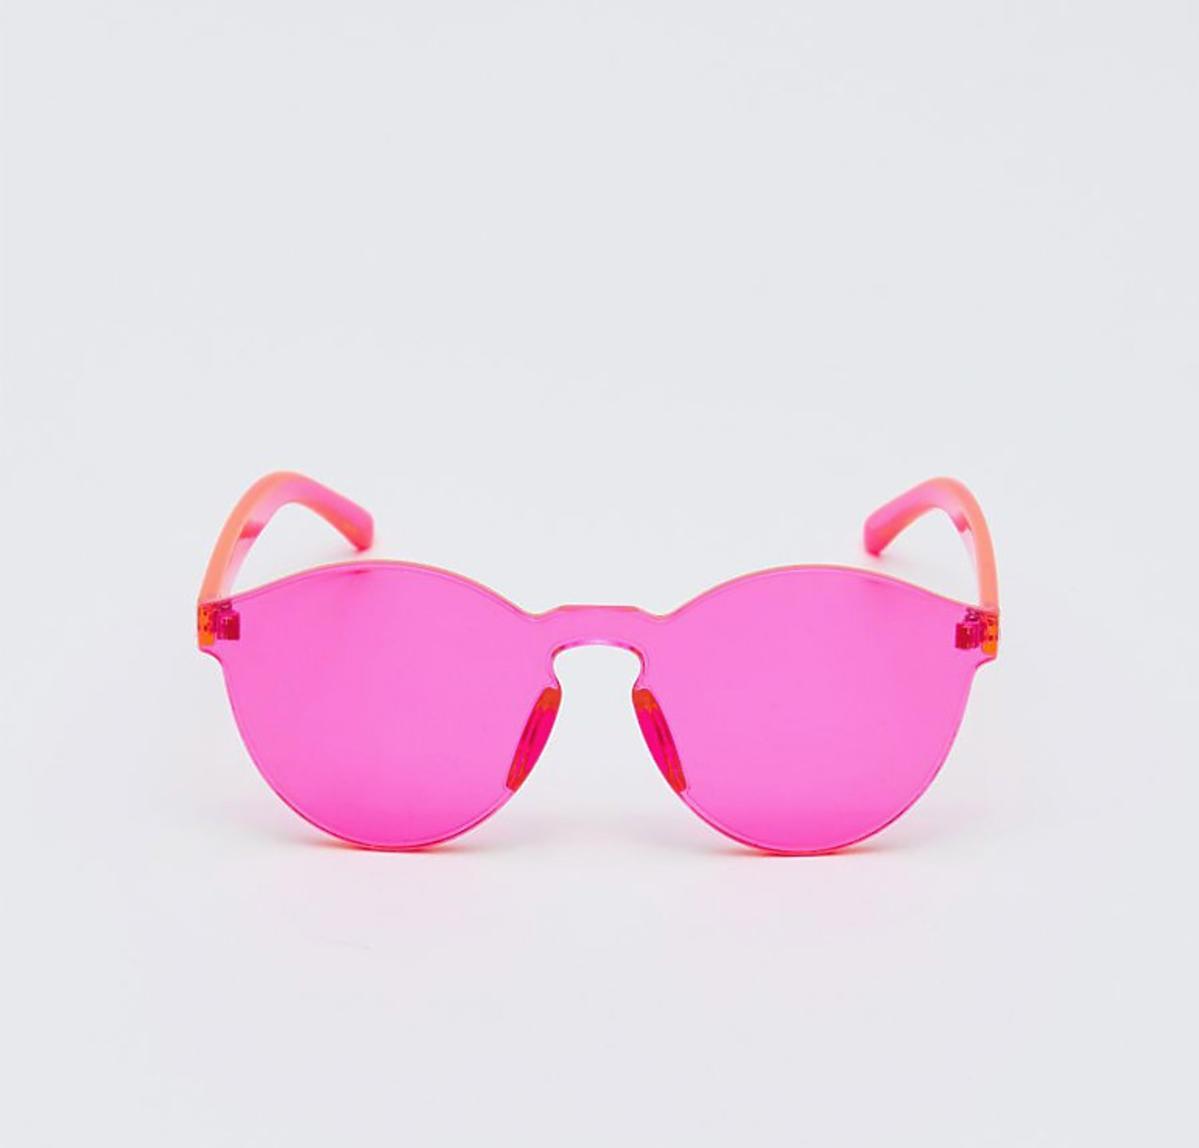 Okulary przeciwsłoneczne, 19,99zł, Sinsay